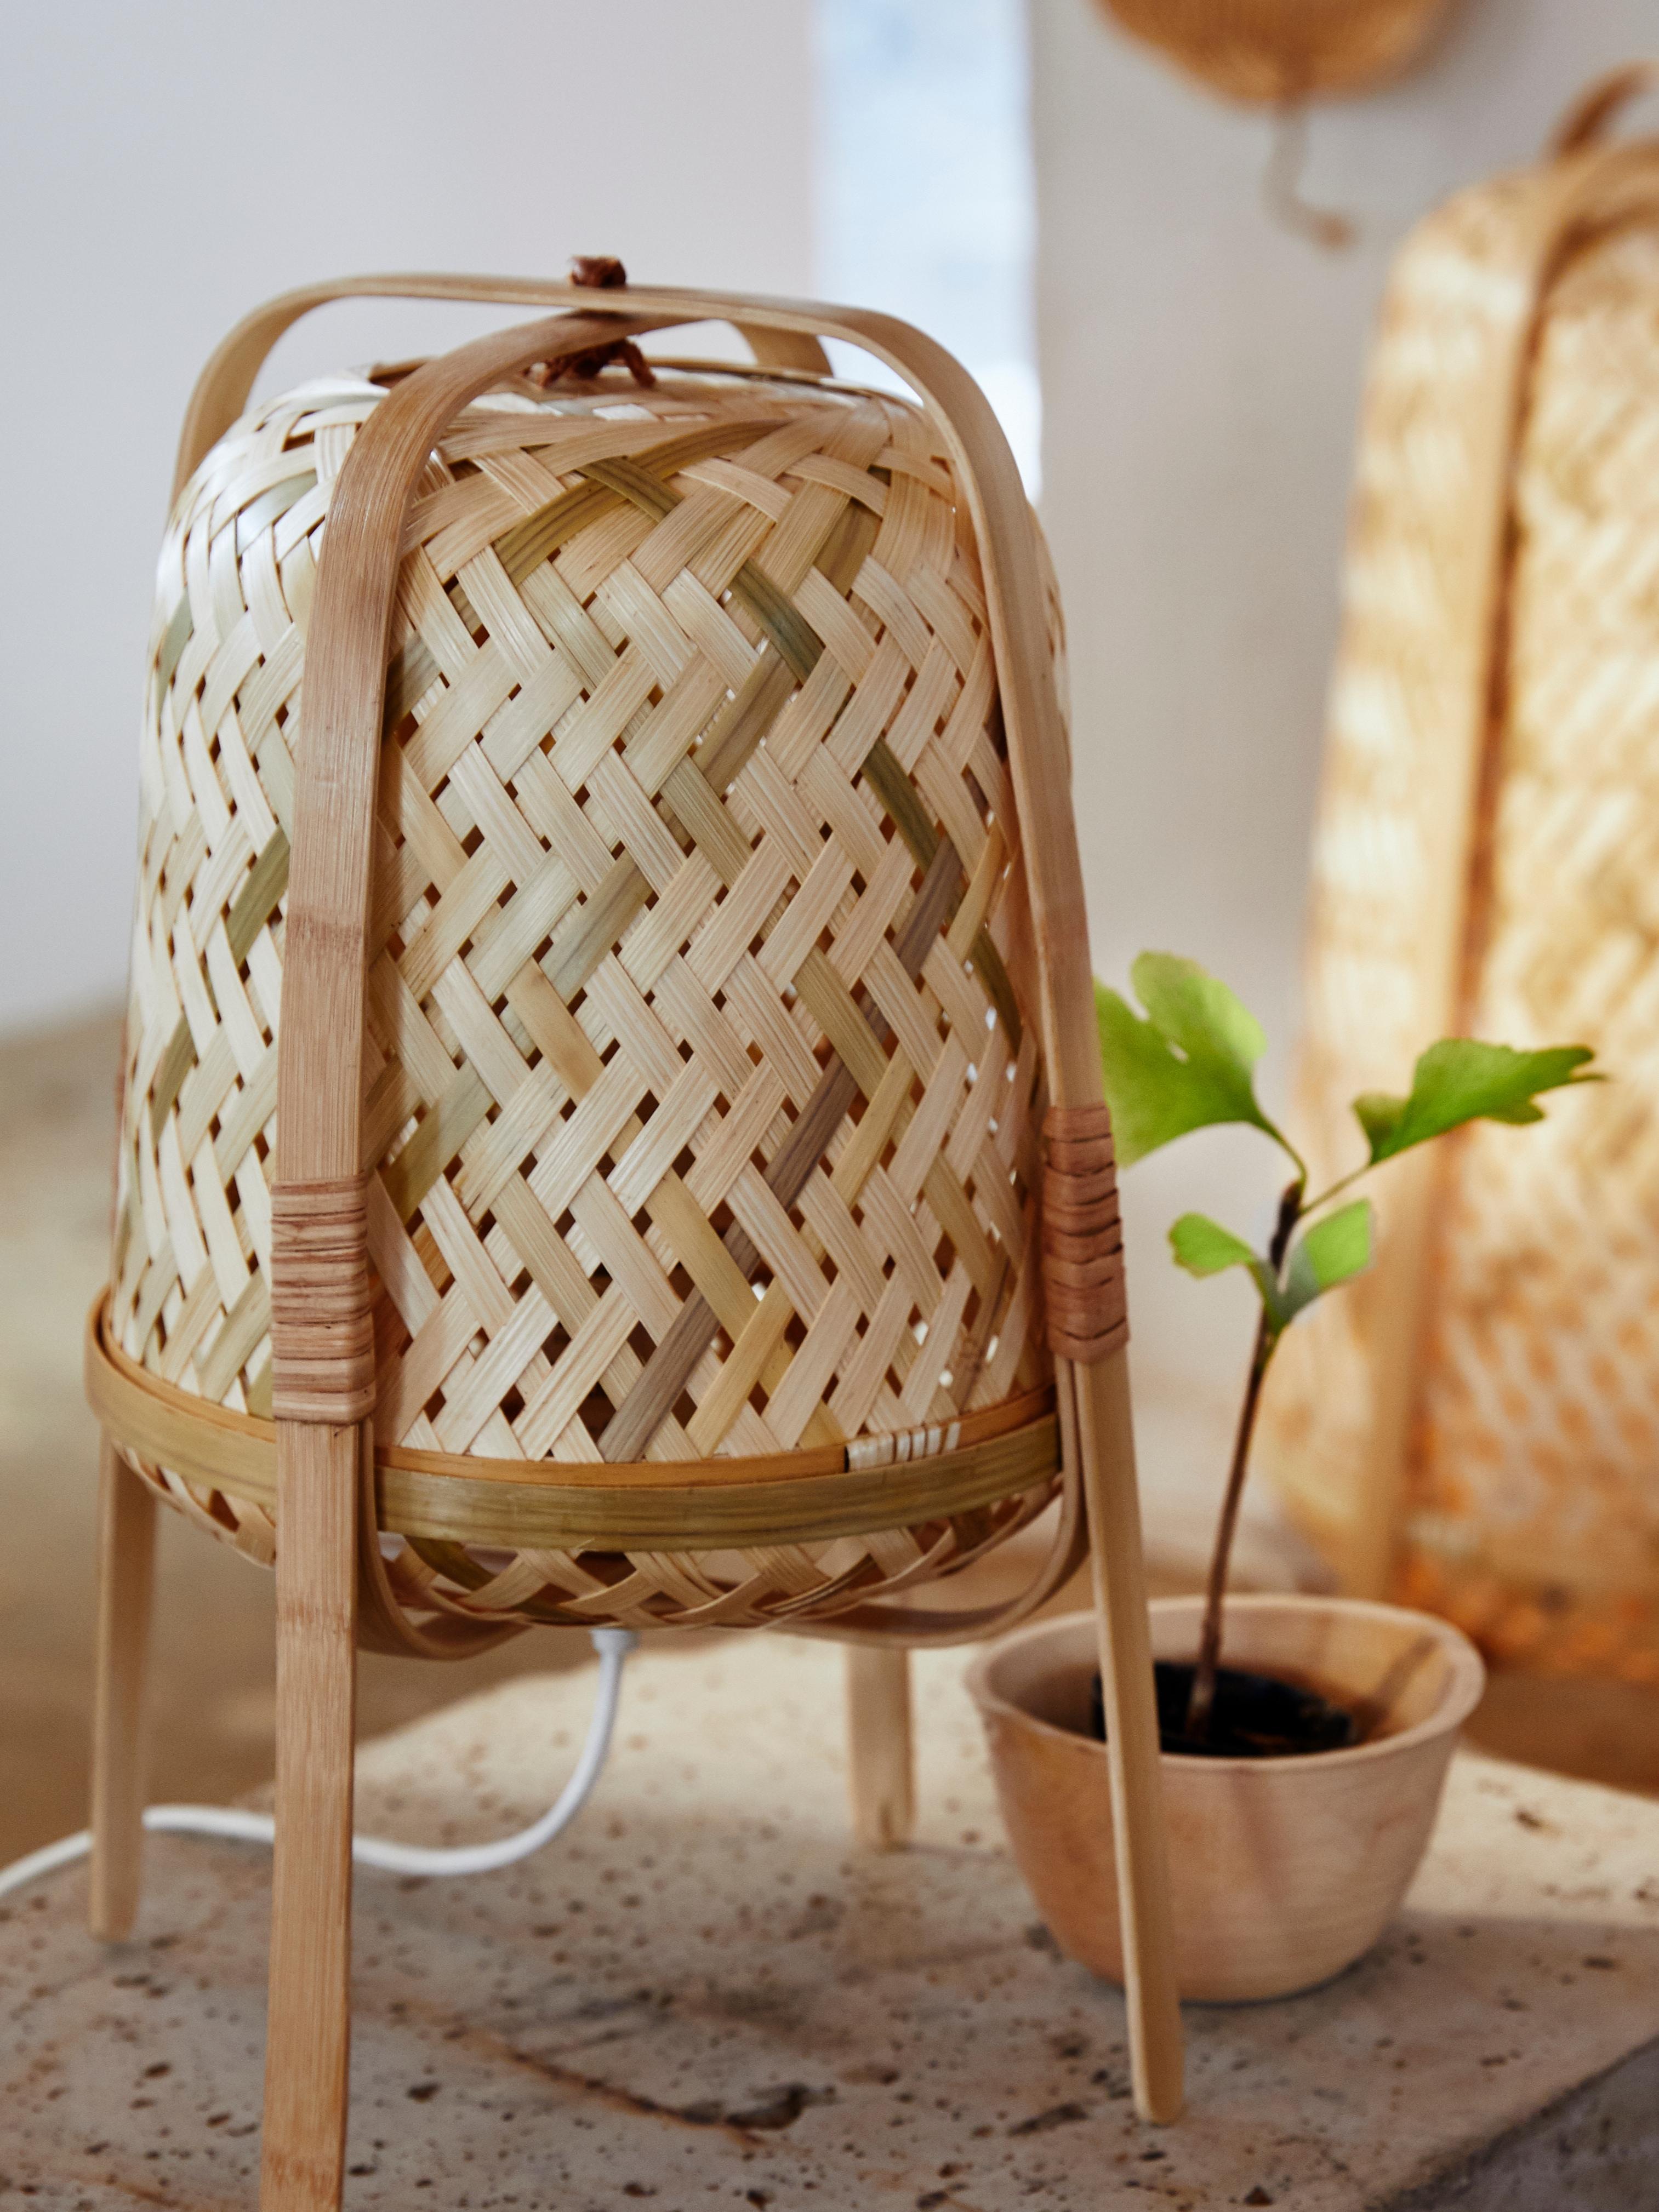 KNIXHULT stolna lampa od bambusa, koju su ručno istkali vješti majstori, pored tegle sa zelenom biljkom na stolu.